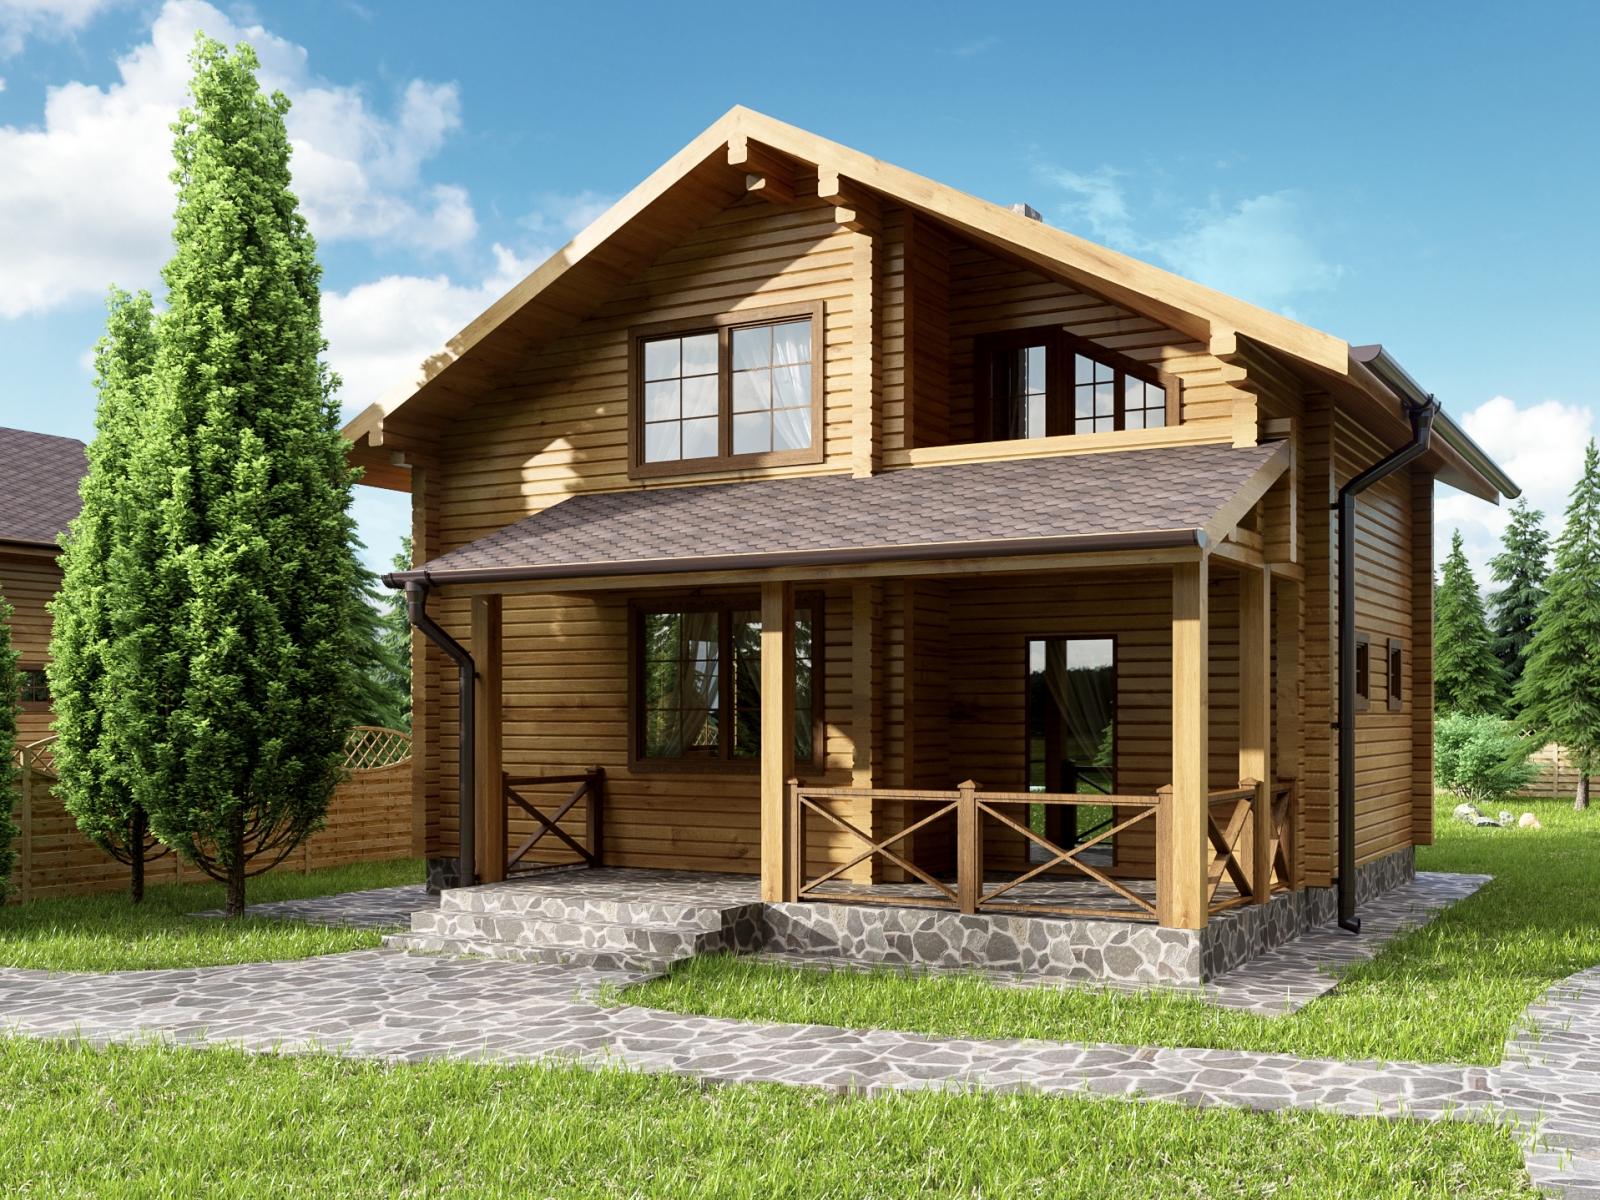 Stylish Wood House Visualisation